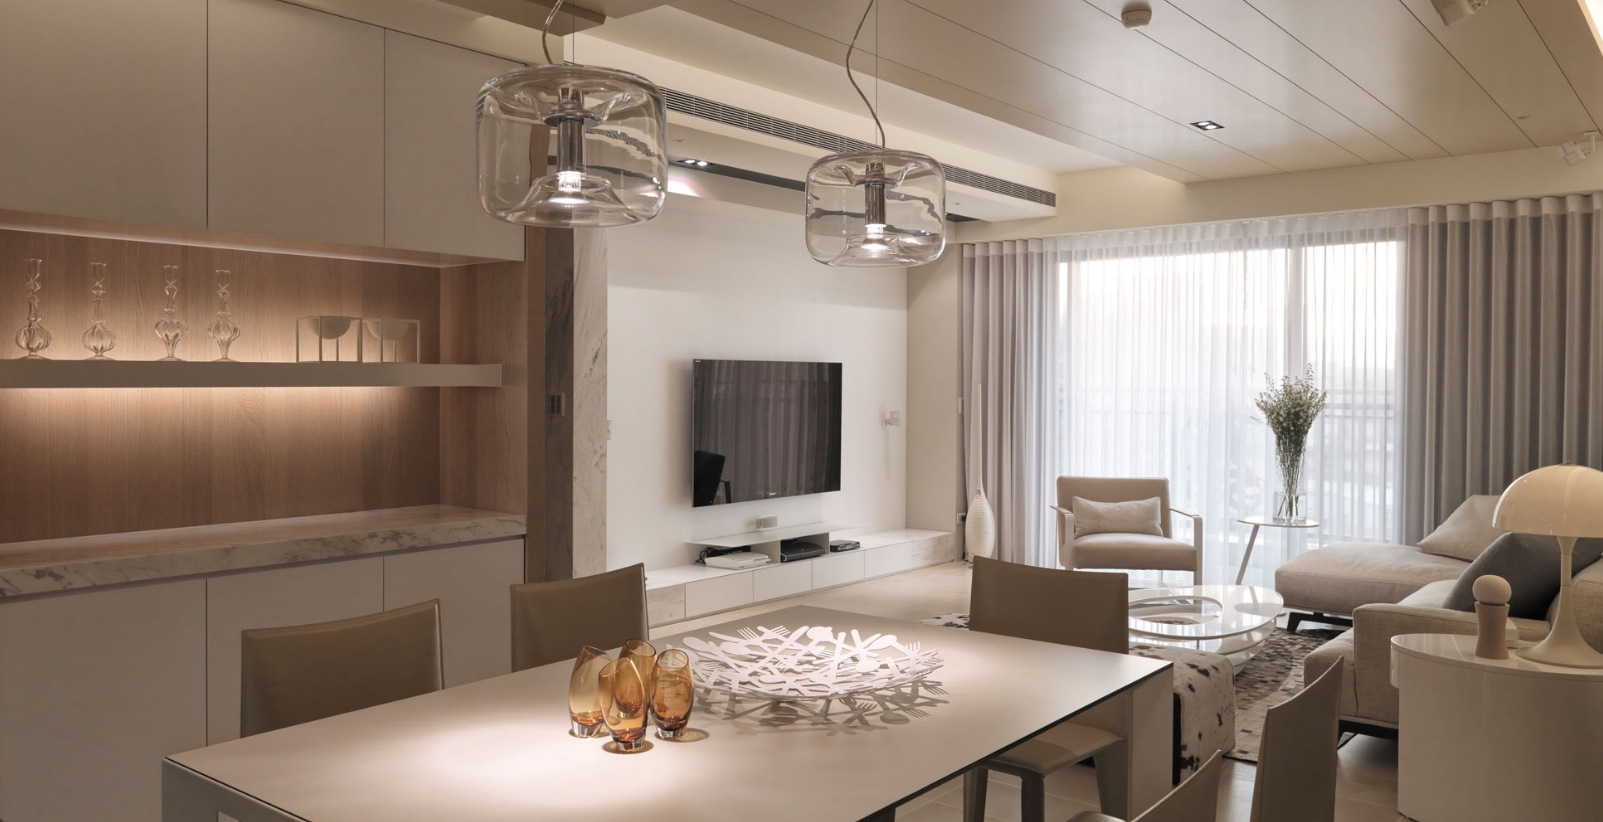 Mini appartamenti 5 soluzioni sorprendenti dai 40 ai 50 for Foto case arredate moderne